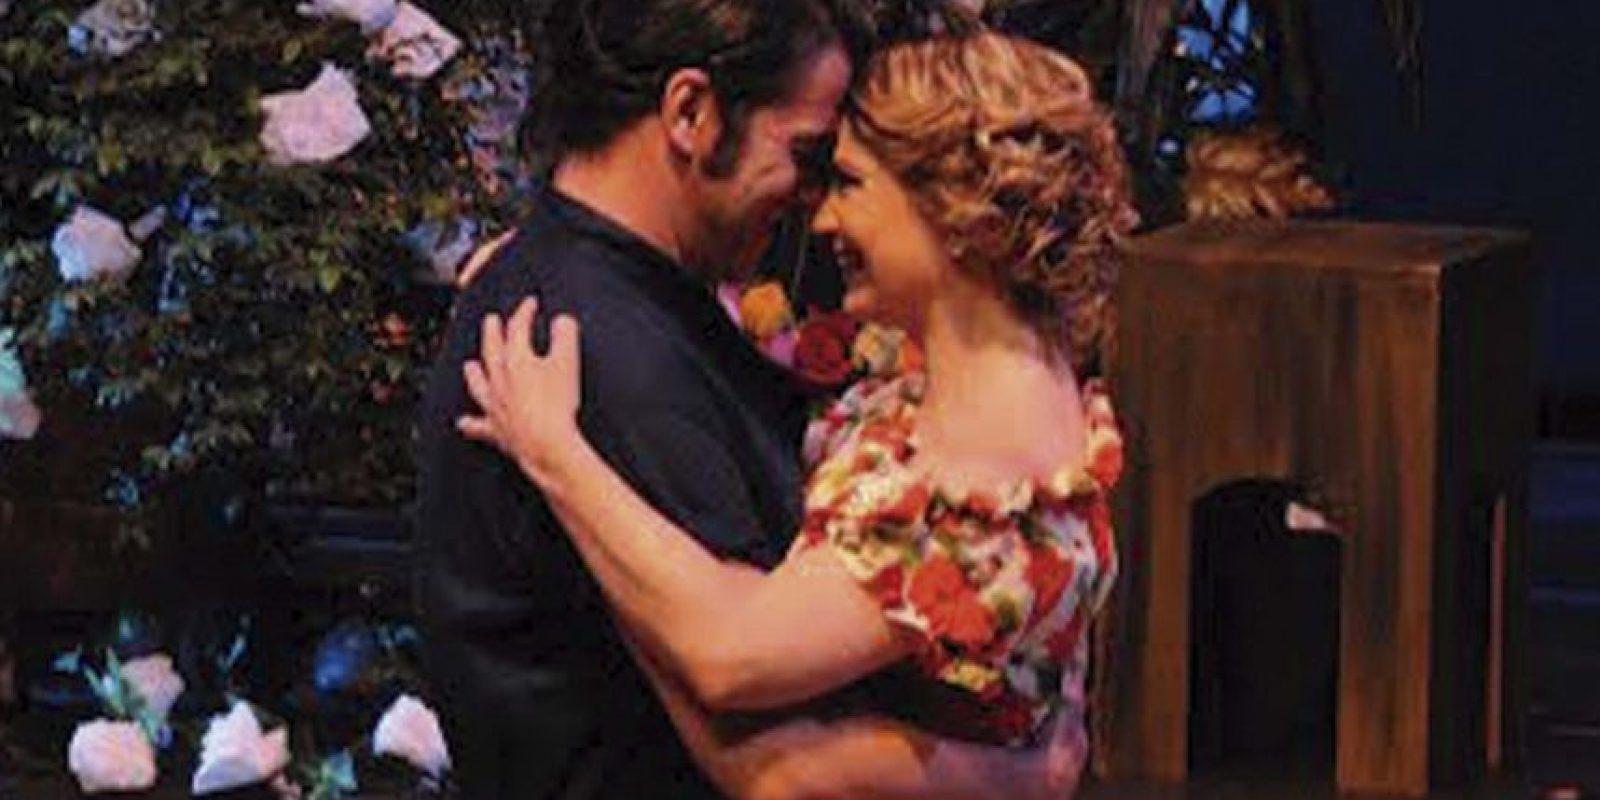 Zarzuela 'La del manojo de rosas' una obra de amor contada en dos actos en el Teatro Pablo Tobón Uribe. Foto:Cortesía Teatro Pablo Tobón Uribe.